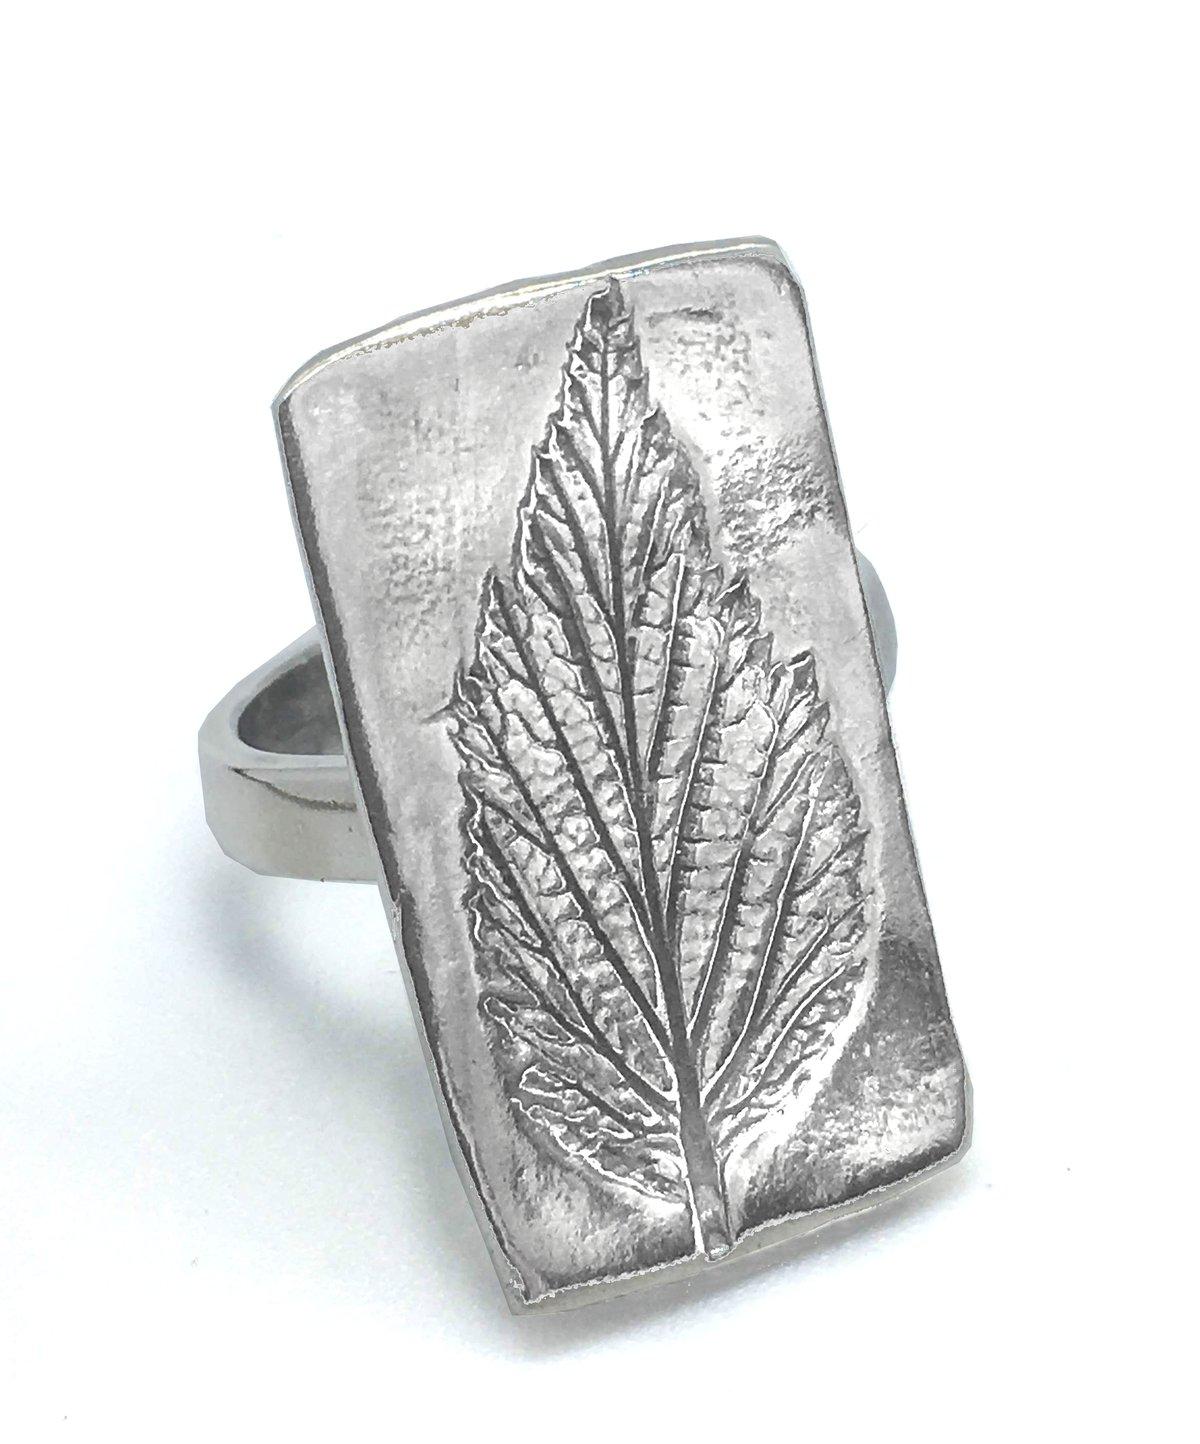 Image of Leaf Imprint Ring